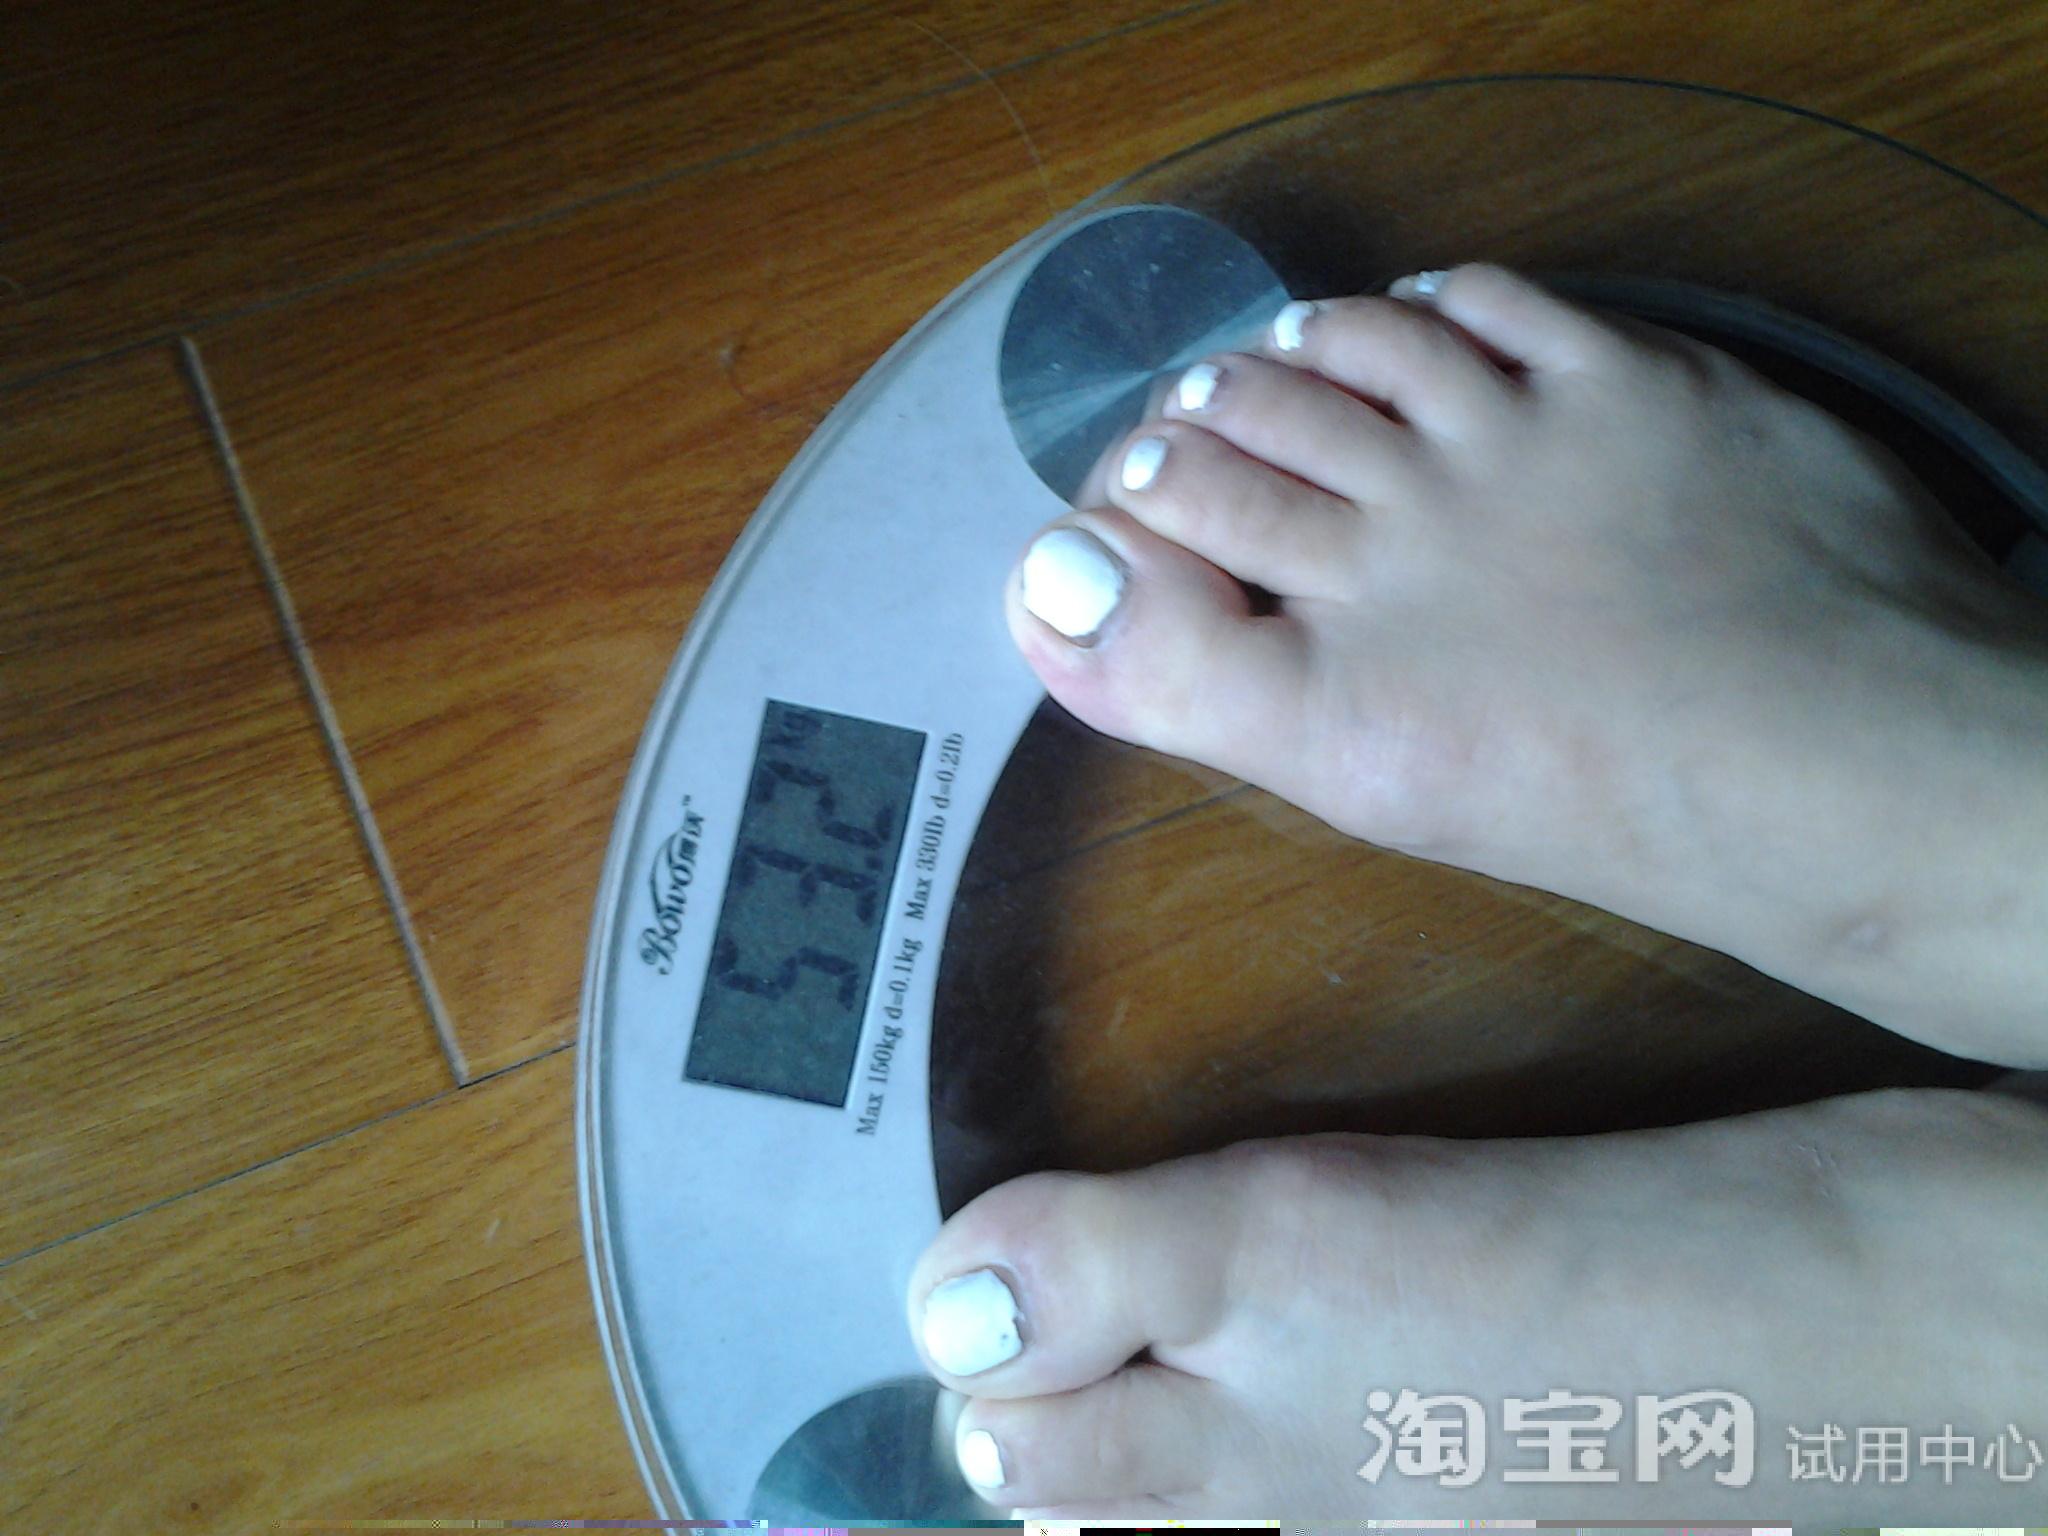 使用修正减肥药一段时间体重和腰围的变化